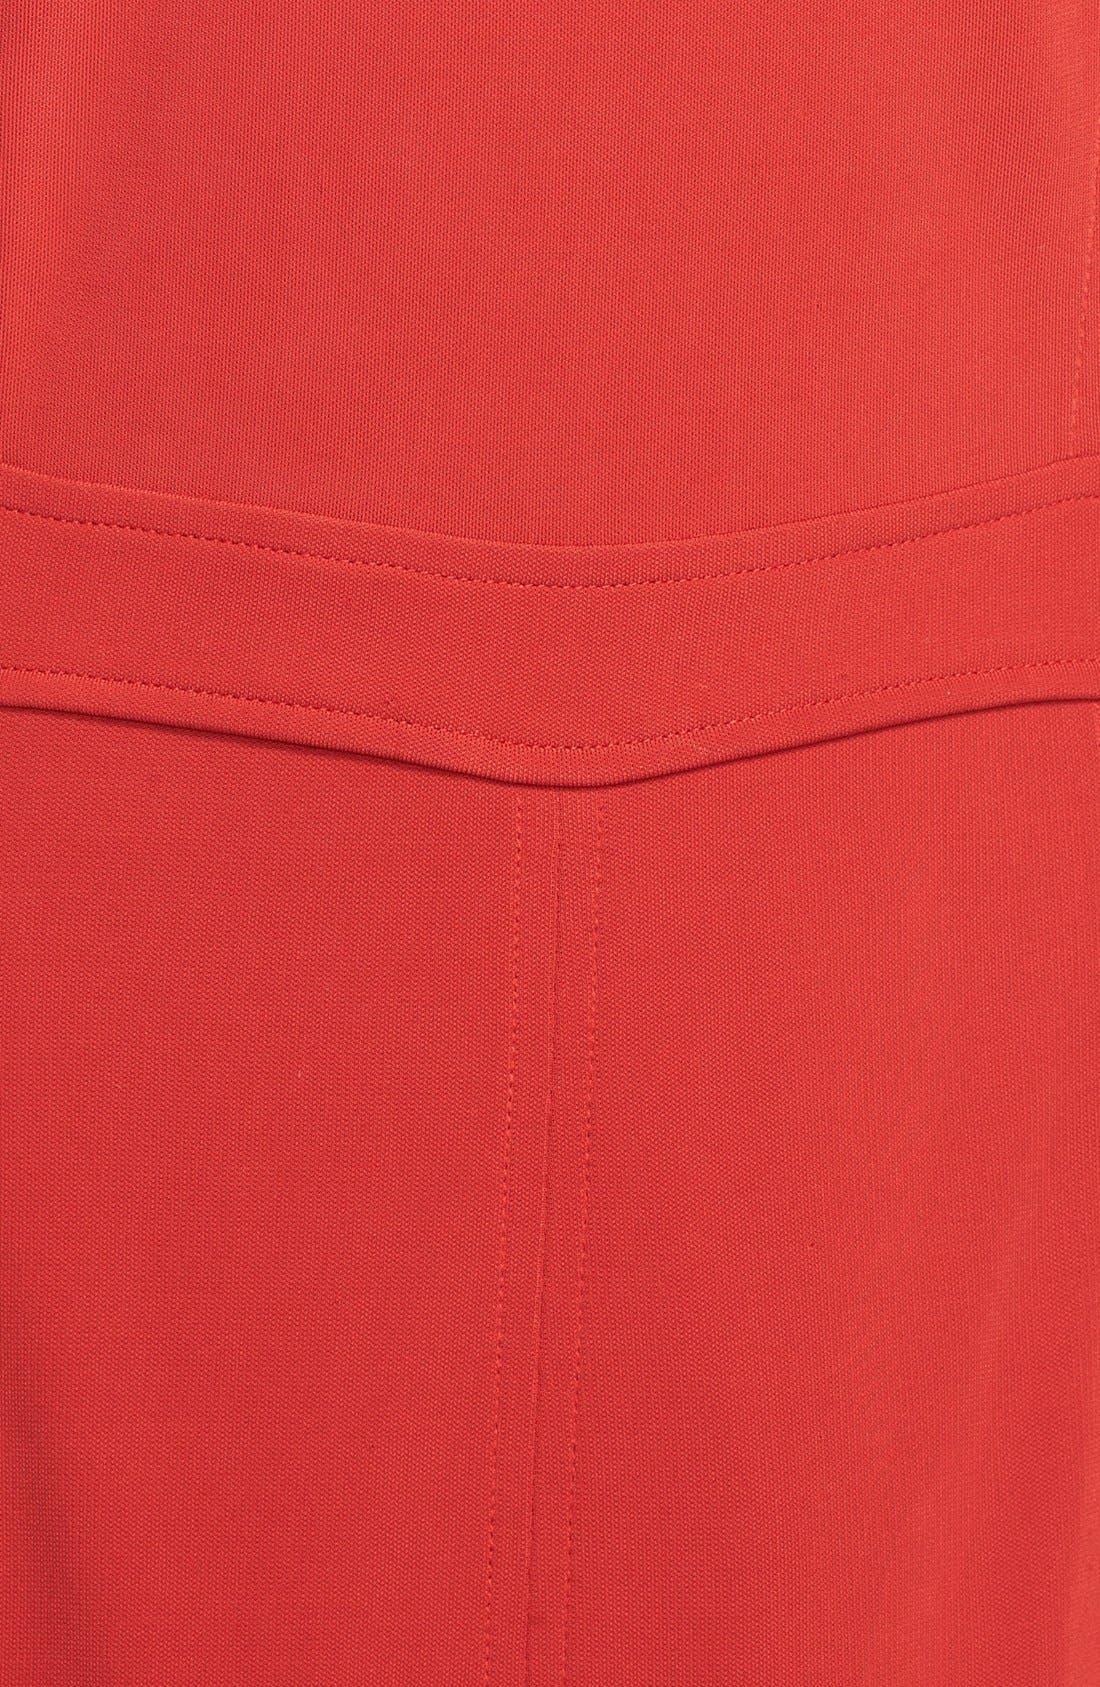 Alternate Image 3  - Tory Burch 'Deeann' Woven A-Line Dress